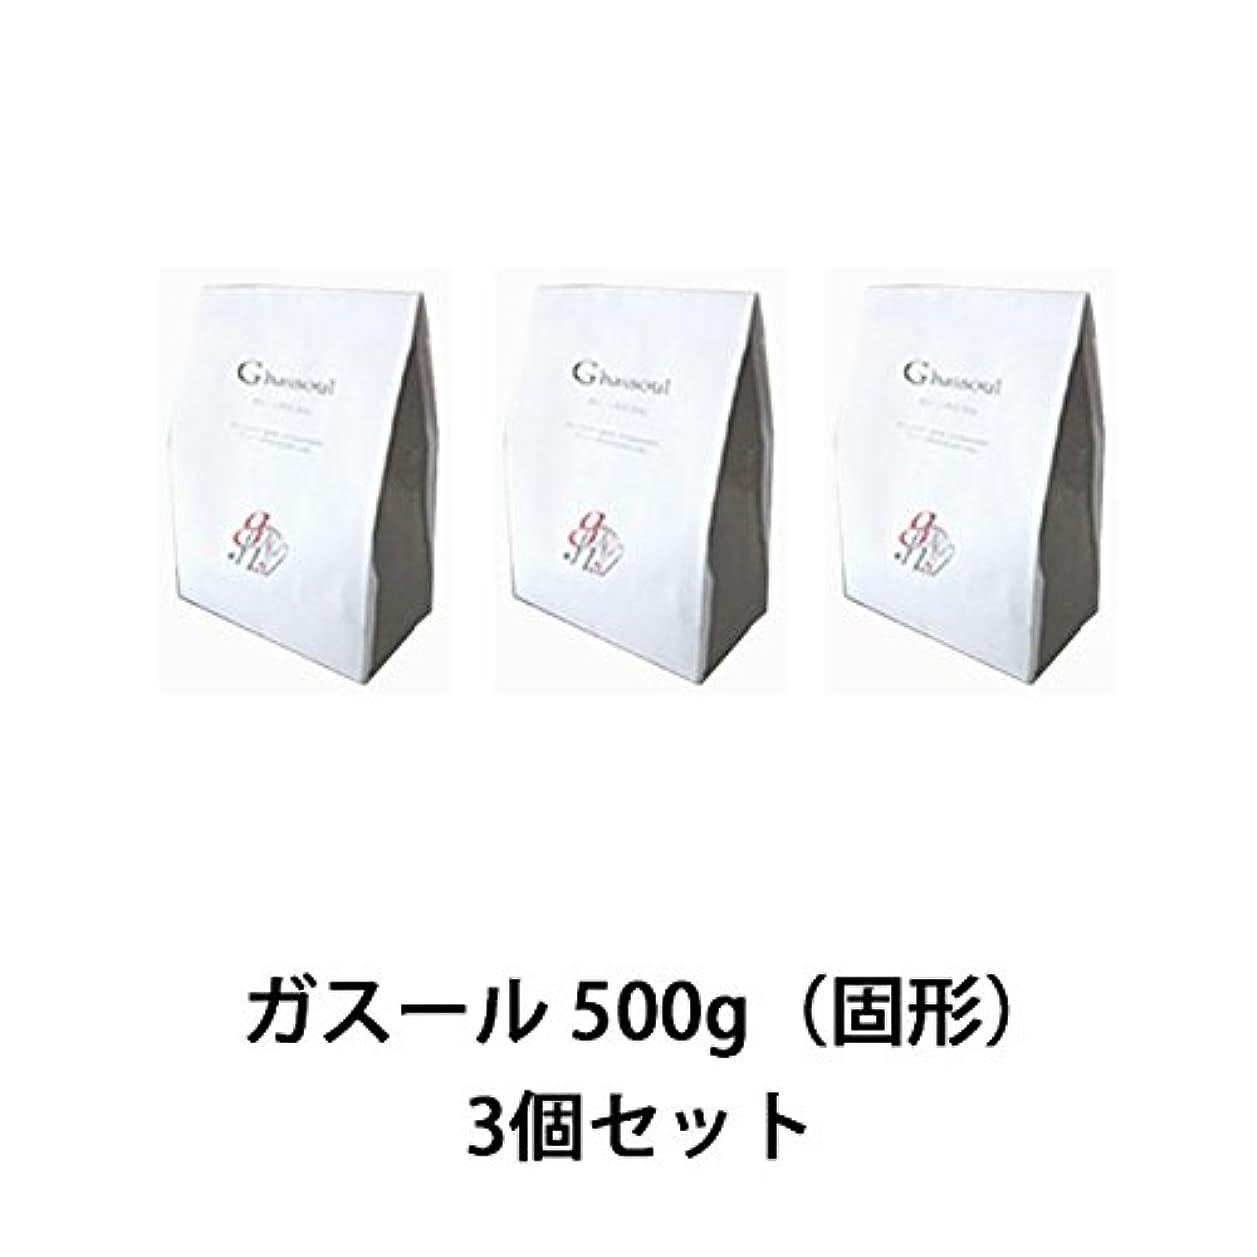 戻す官僚ボア【ナイアード】ガスール 固形 500g ×3個セット